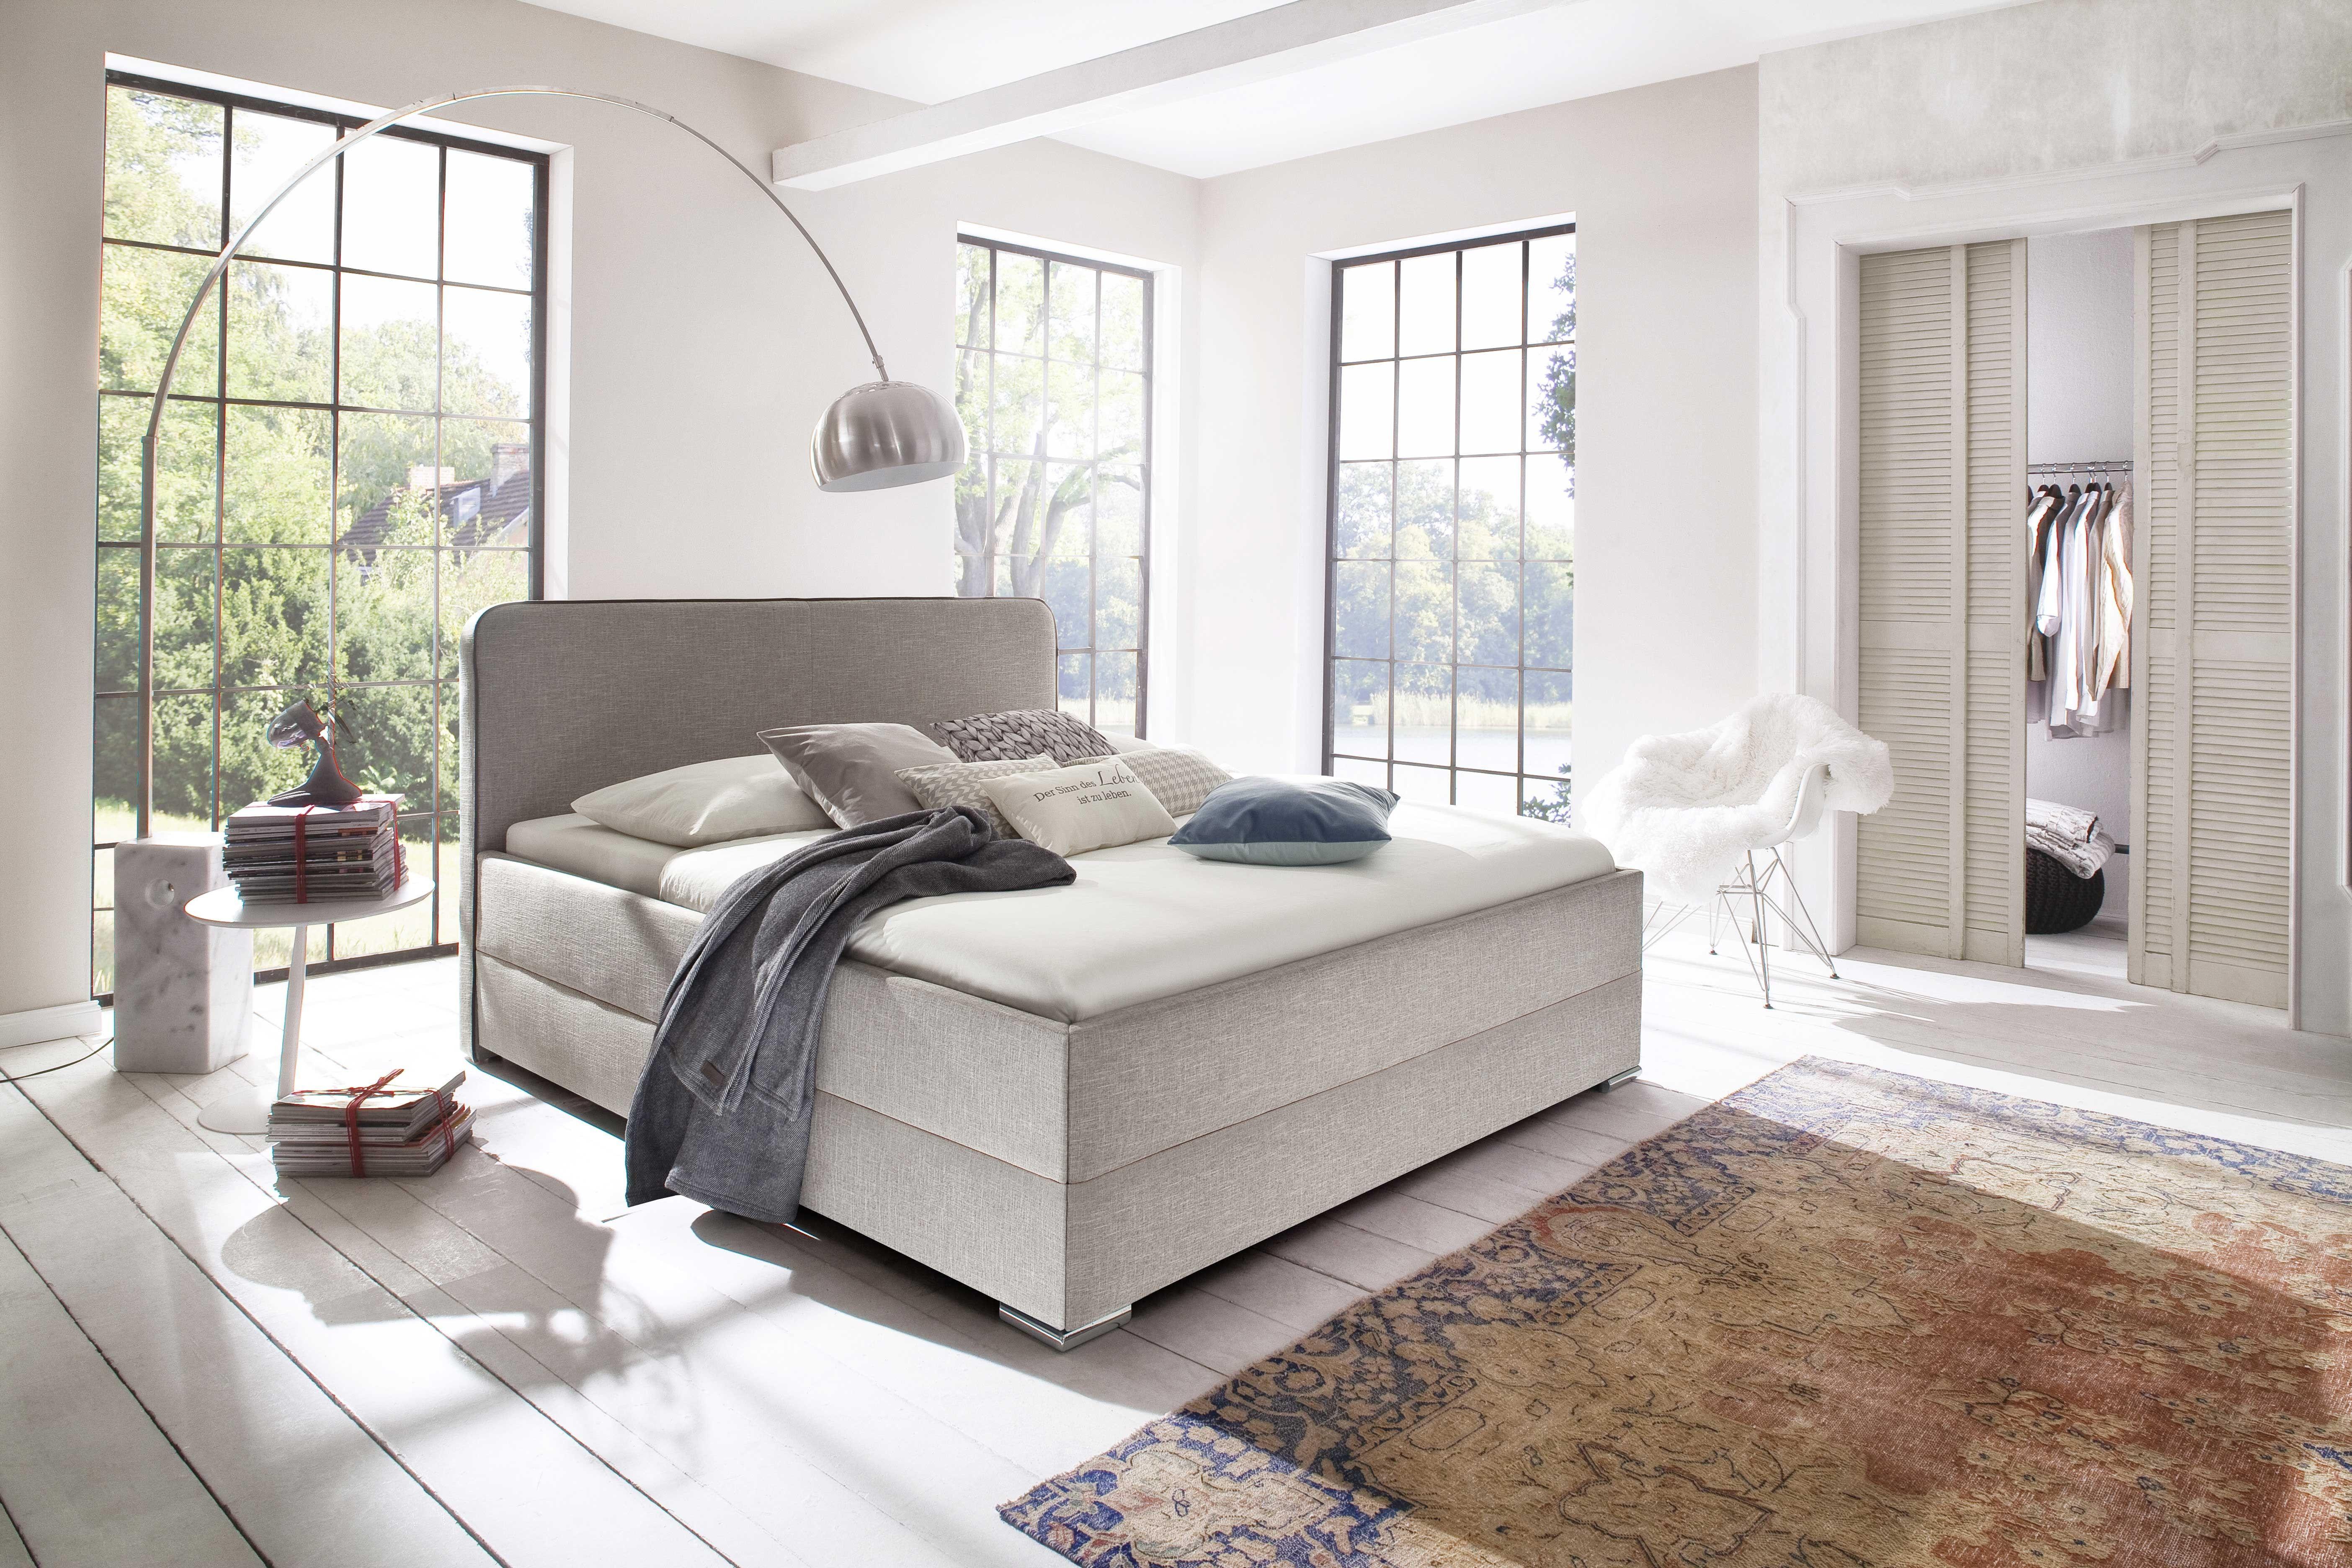 Cre er een gezellige cosy sfeer in de slaapkamer met dit beige bed van de Kona